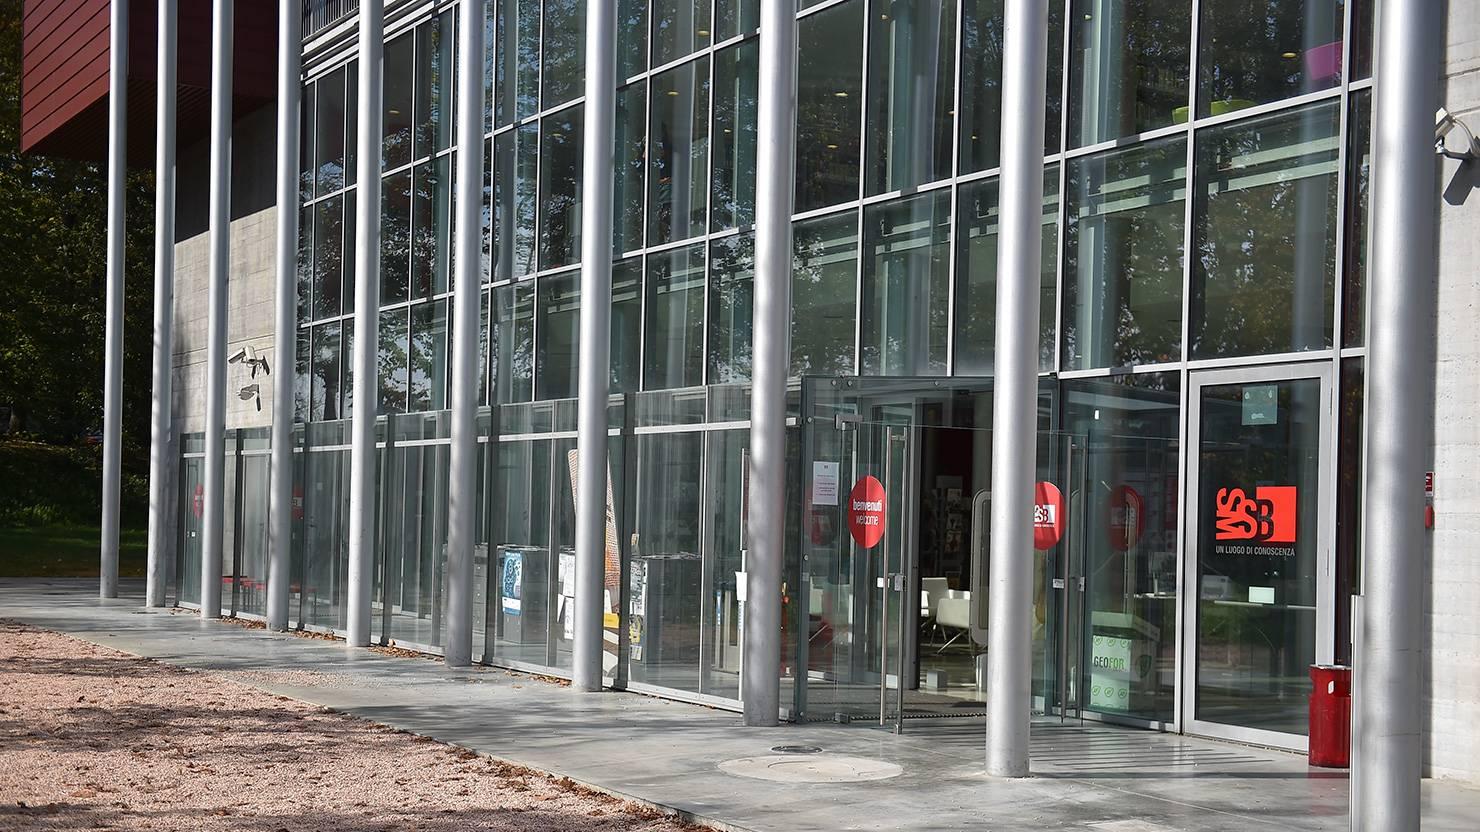 acciaio-zincato-facciata-biblioteca-di-pisa-seccosistemi-2_project_big